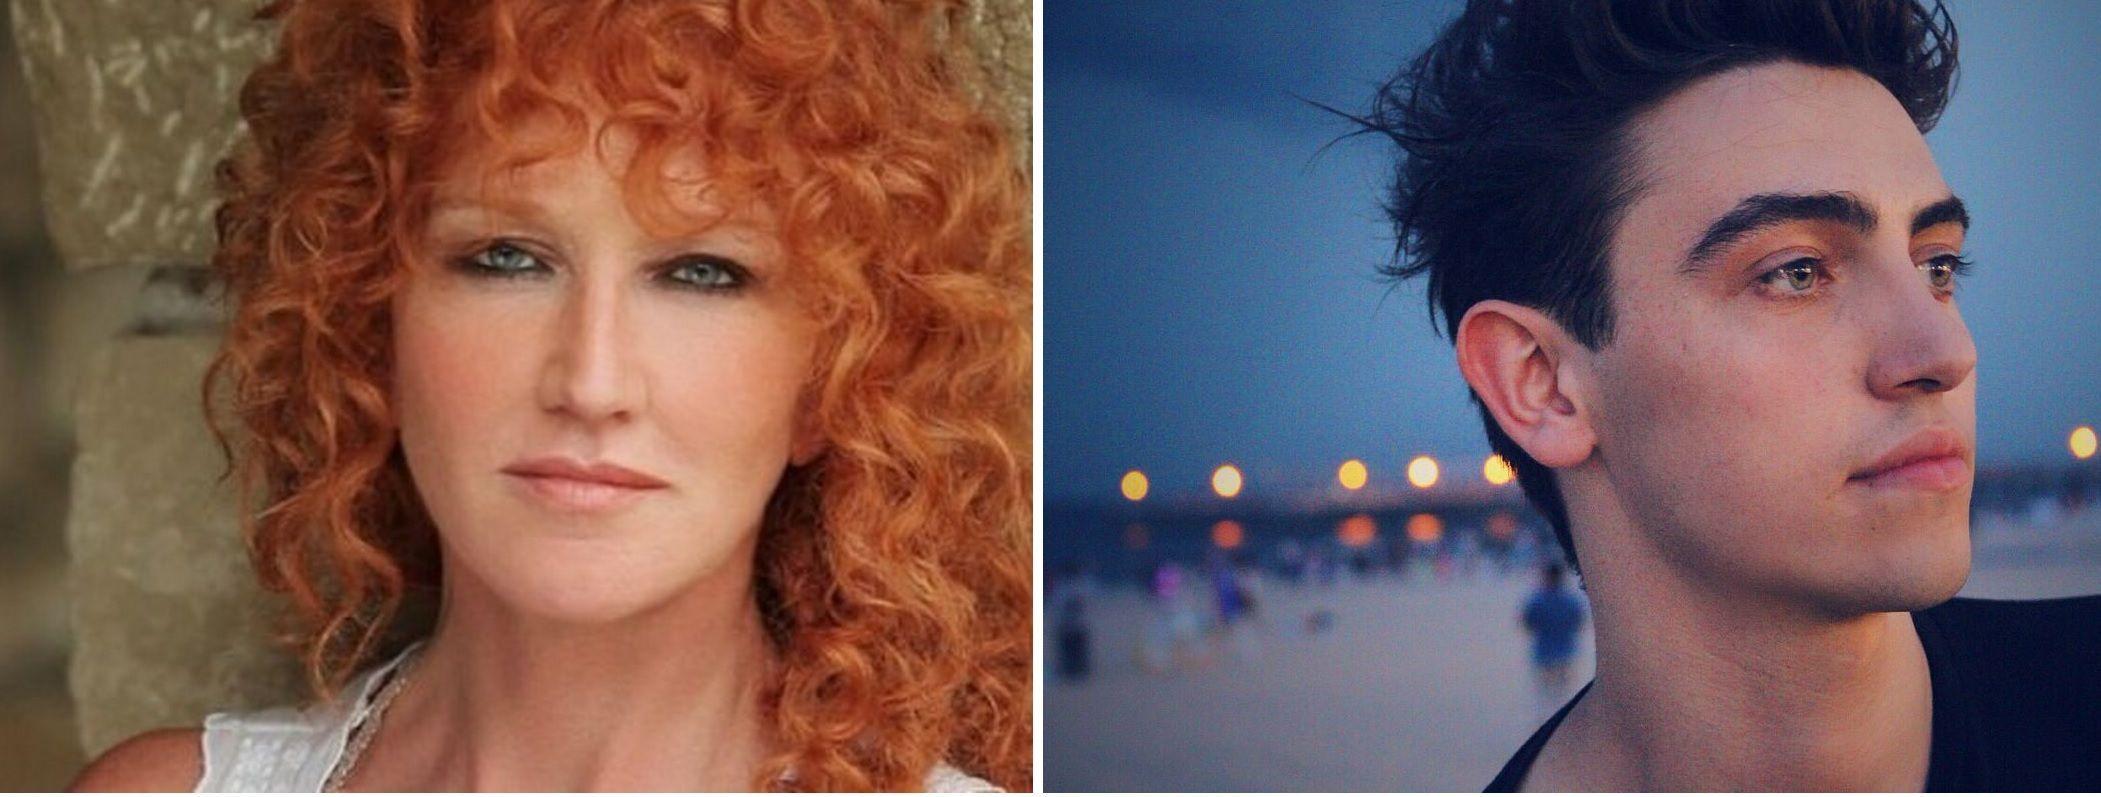 Fiorella Mannoia e Michele Bravi